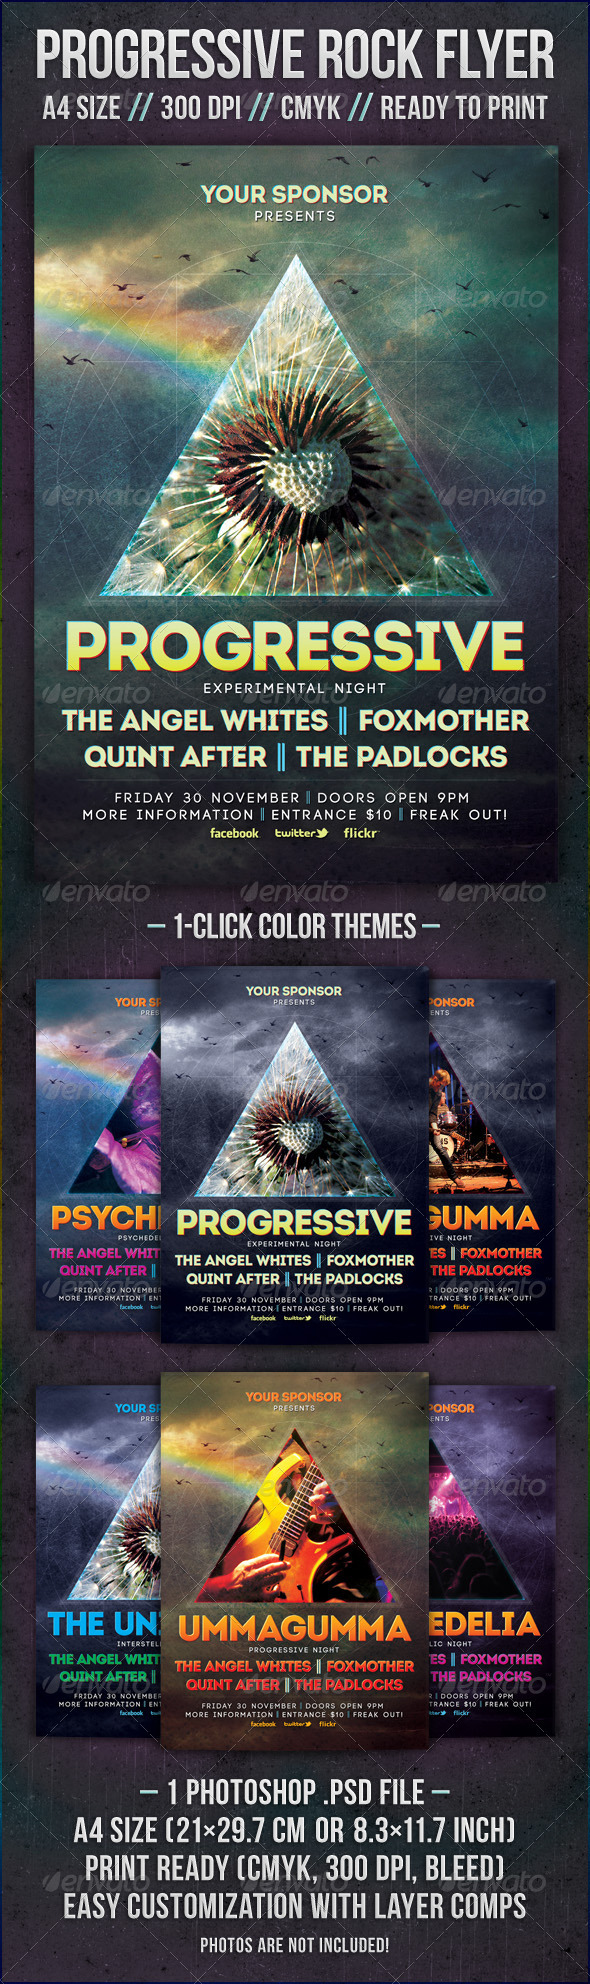 Progressive Rock Flyer - Concerts Events